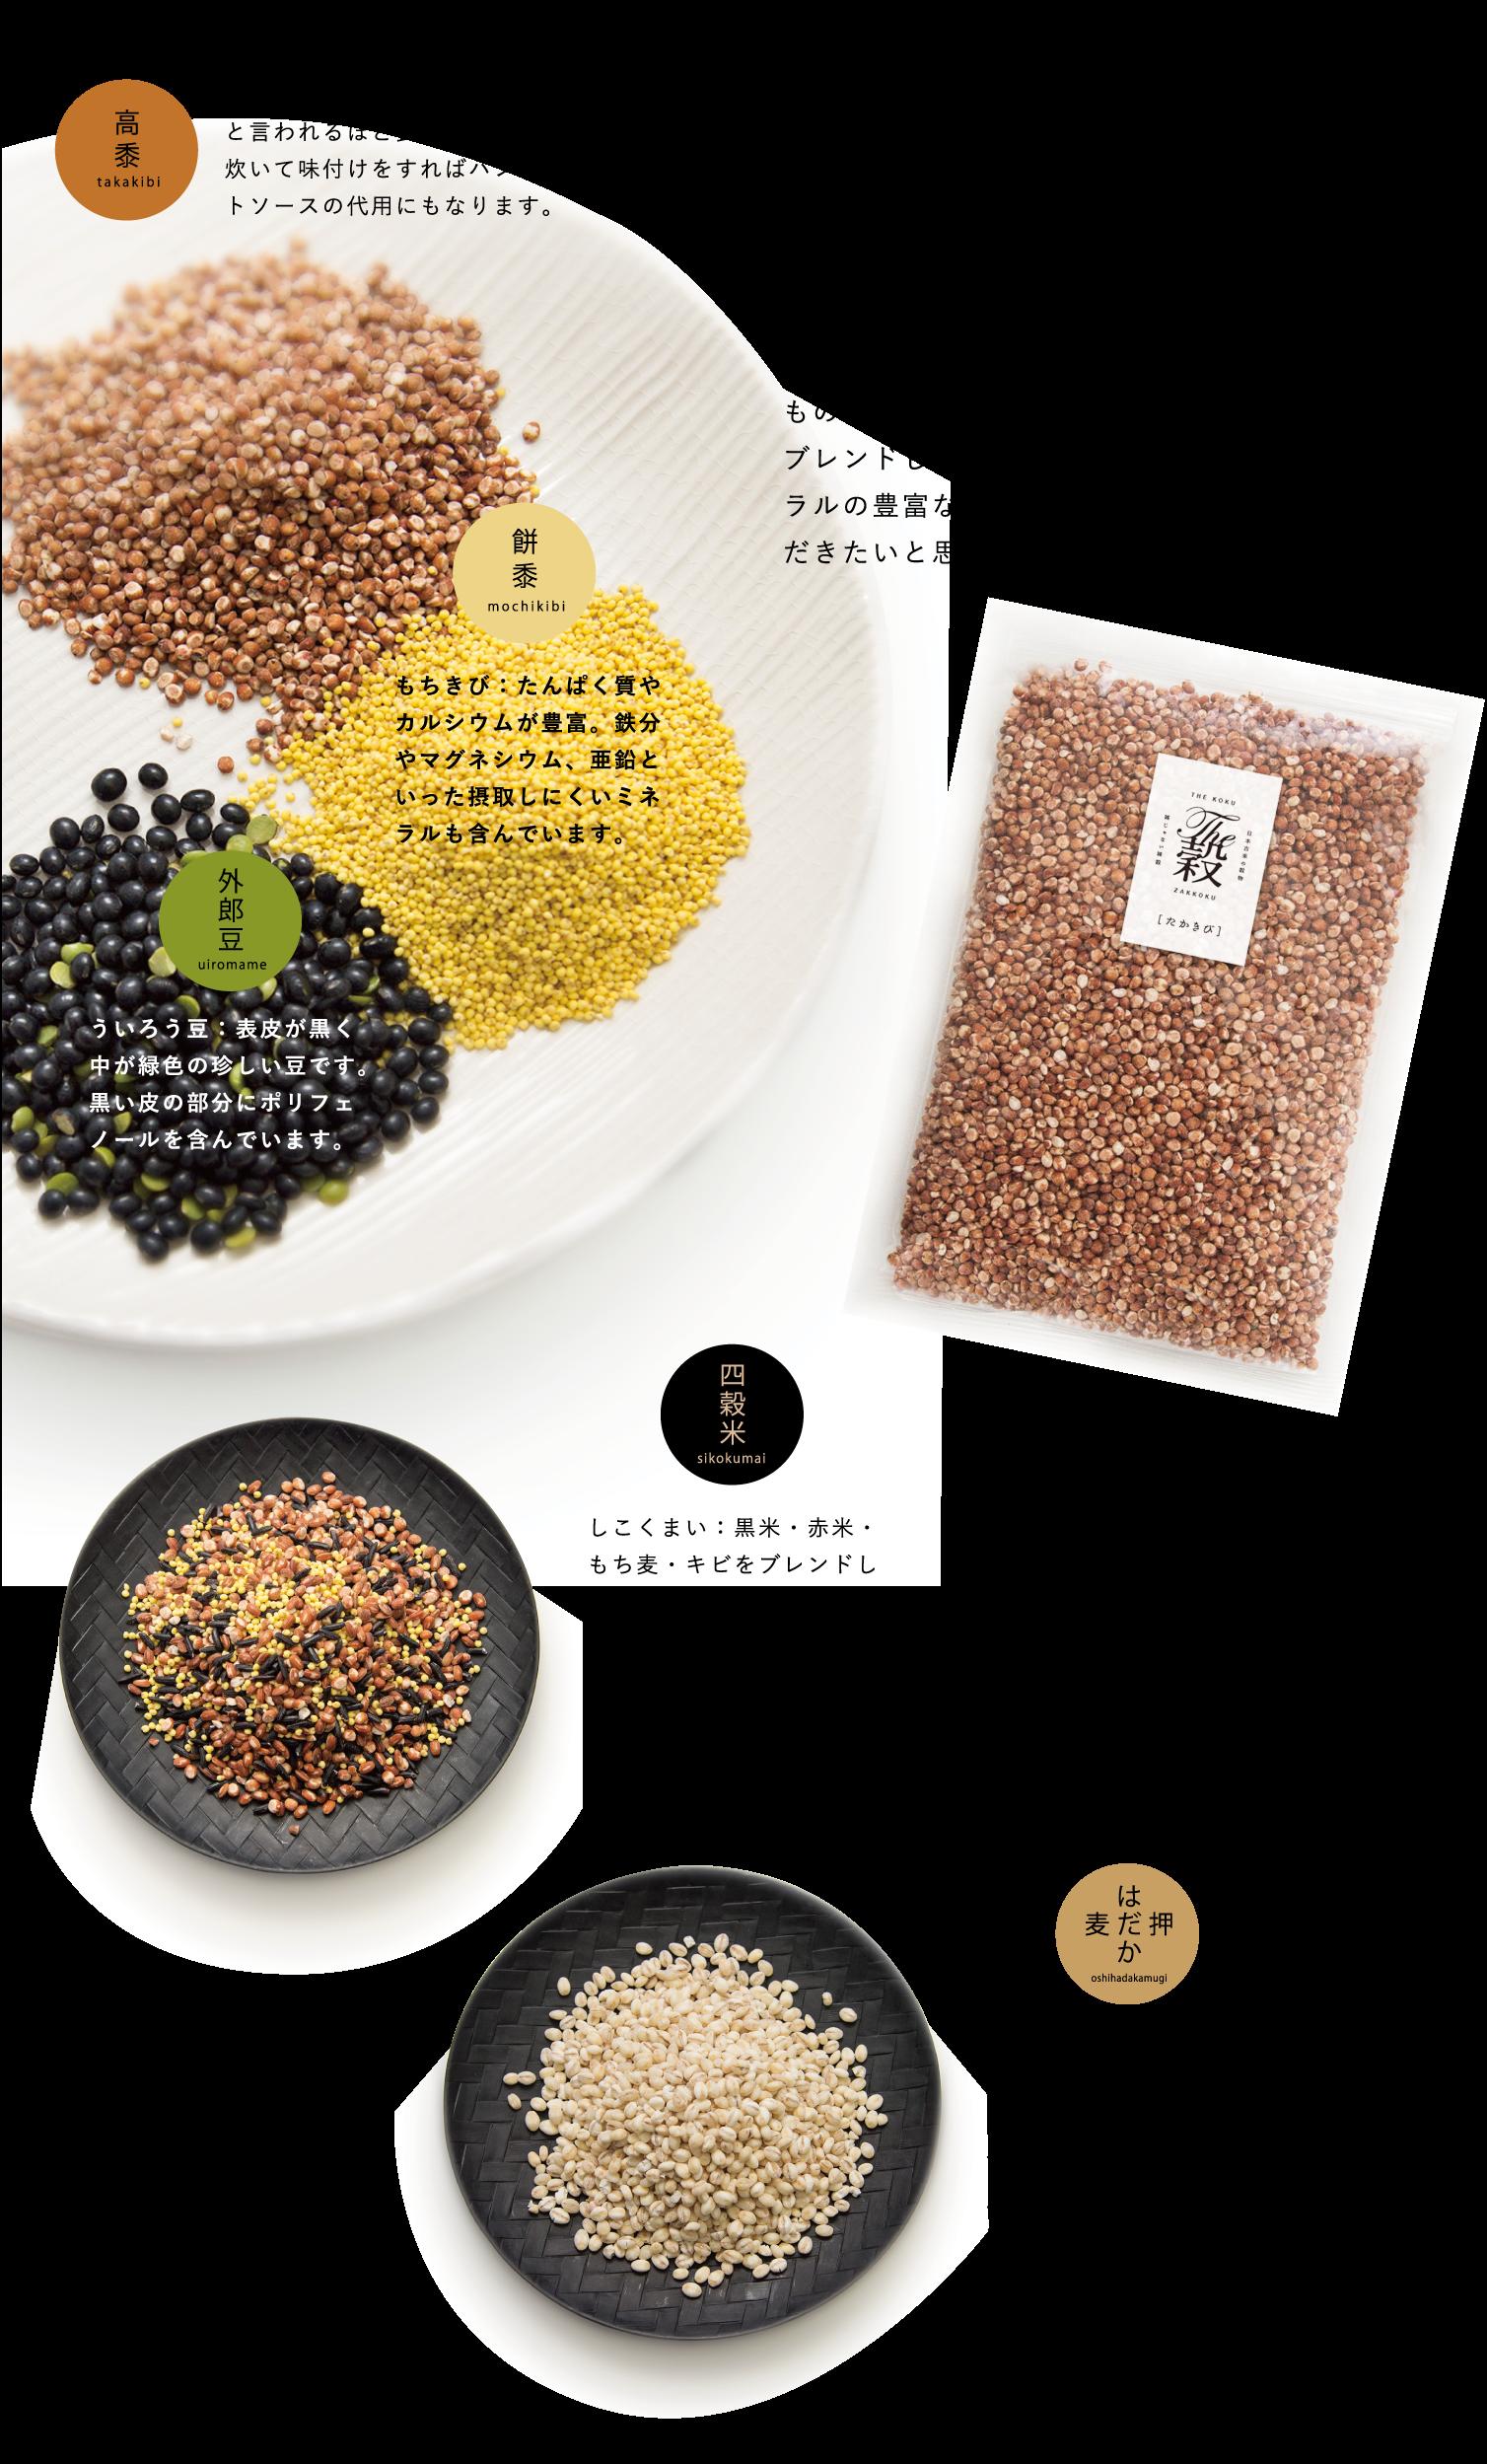 """雑ではない""""The穀"""" / お米だけでは足らない栄養を雑穀で補う / 古来、日本は米だけでなくさまざまな穀物を生産していました。雑穀というと、なんだかまずいような印象がありますが、食べてみると実に美味いものが多いのです。黒米・赤米・もち麦・キビをブレンドした四穀米をはじめ、栄養価が高くミネラルの豊富な雑穀を、たくさんの方に食べていただきたいと思います。 / たかきび:ミートミレット(雑穀のお肉)と言われるほど食感が挽肉に似ており、炊いて味付けをすればハンバーグやミートソースの代用にもなります。 / もちきび:たんぱく質やカルシウムが豊富。鉄分やマグネシウム、亜鉛といった摂取しにくいミネラルも含んでいます。 / ういろう豆:表皮が黒く中が緑色の珍しい豆です。黒い皮の部分にポリフェノールを含んでいます。 / しこくまい:黒米・赤米・もち麦・キビをブレンドしています。研いだお米にお好みの量(お米1合に大さじ1杯が目安)を入れ、そのまま炊くだけ。自然塩をひとつまみ入れて炊くとより旨味が際立ちます。 / おしはだかむぎ:玄米に比べ、糖質、カルシウムを多く含みます。 はだか麦の機能性成分の中で最も主要な成分は食物繊維で、白米の15倍以上と言われています。"""